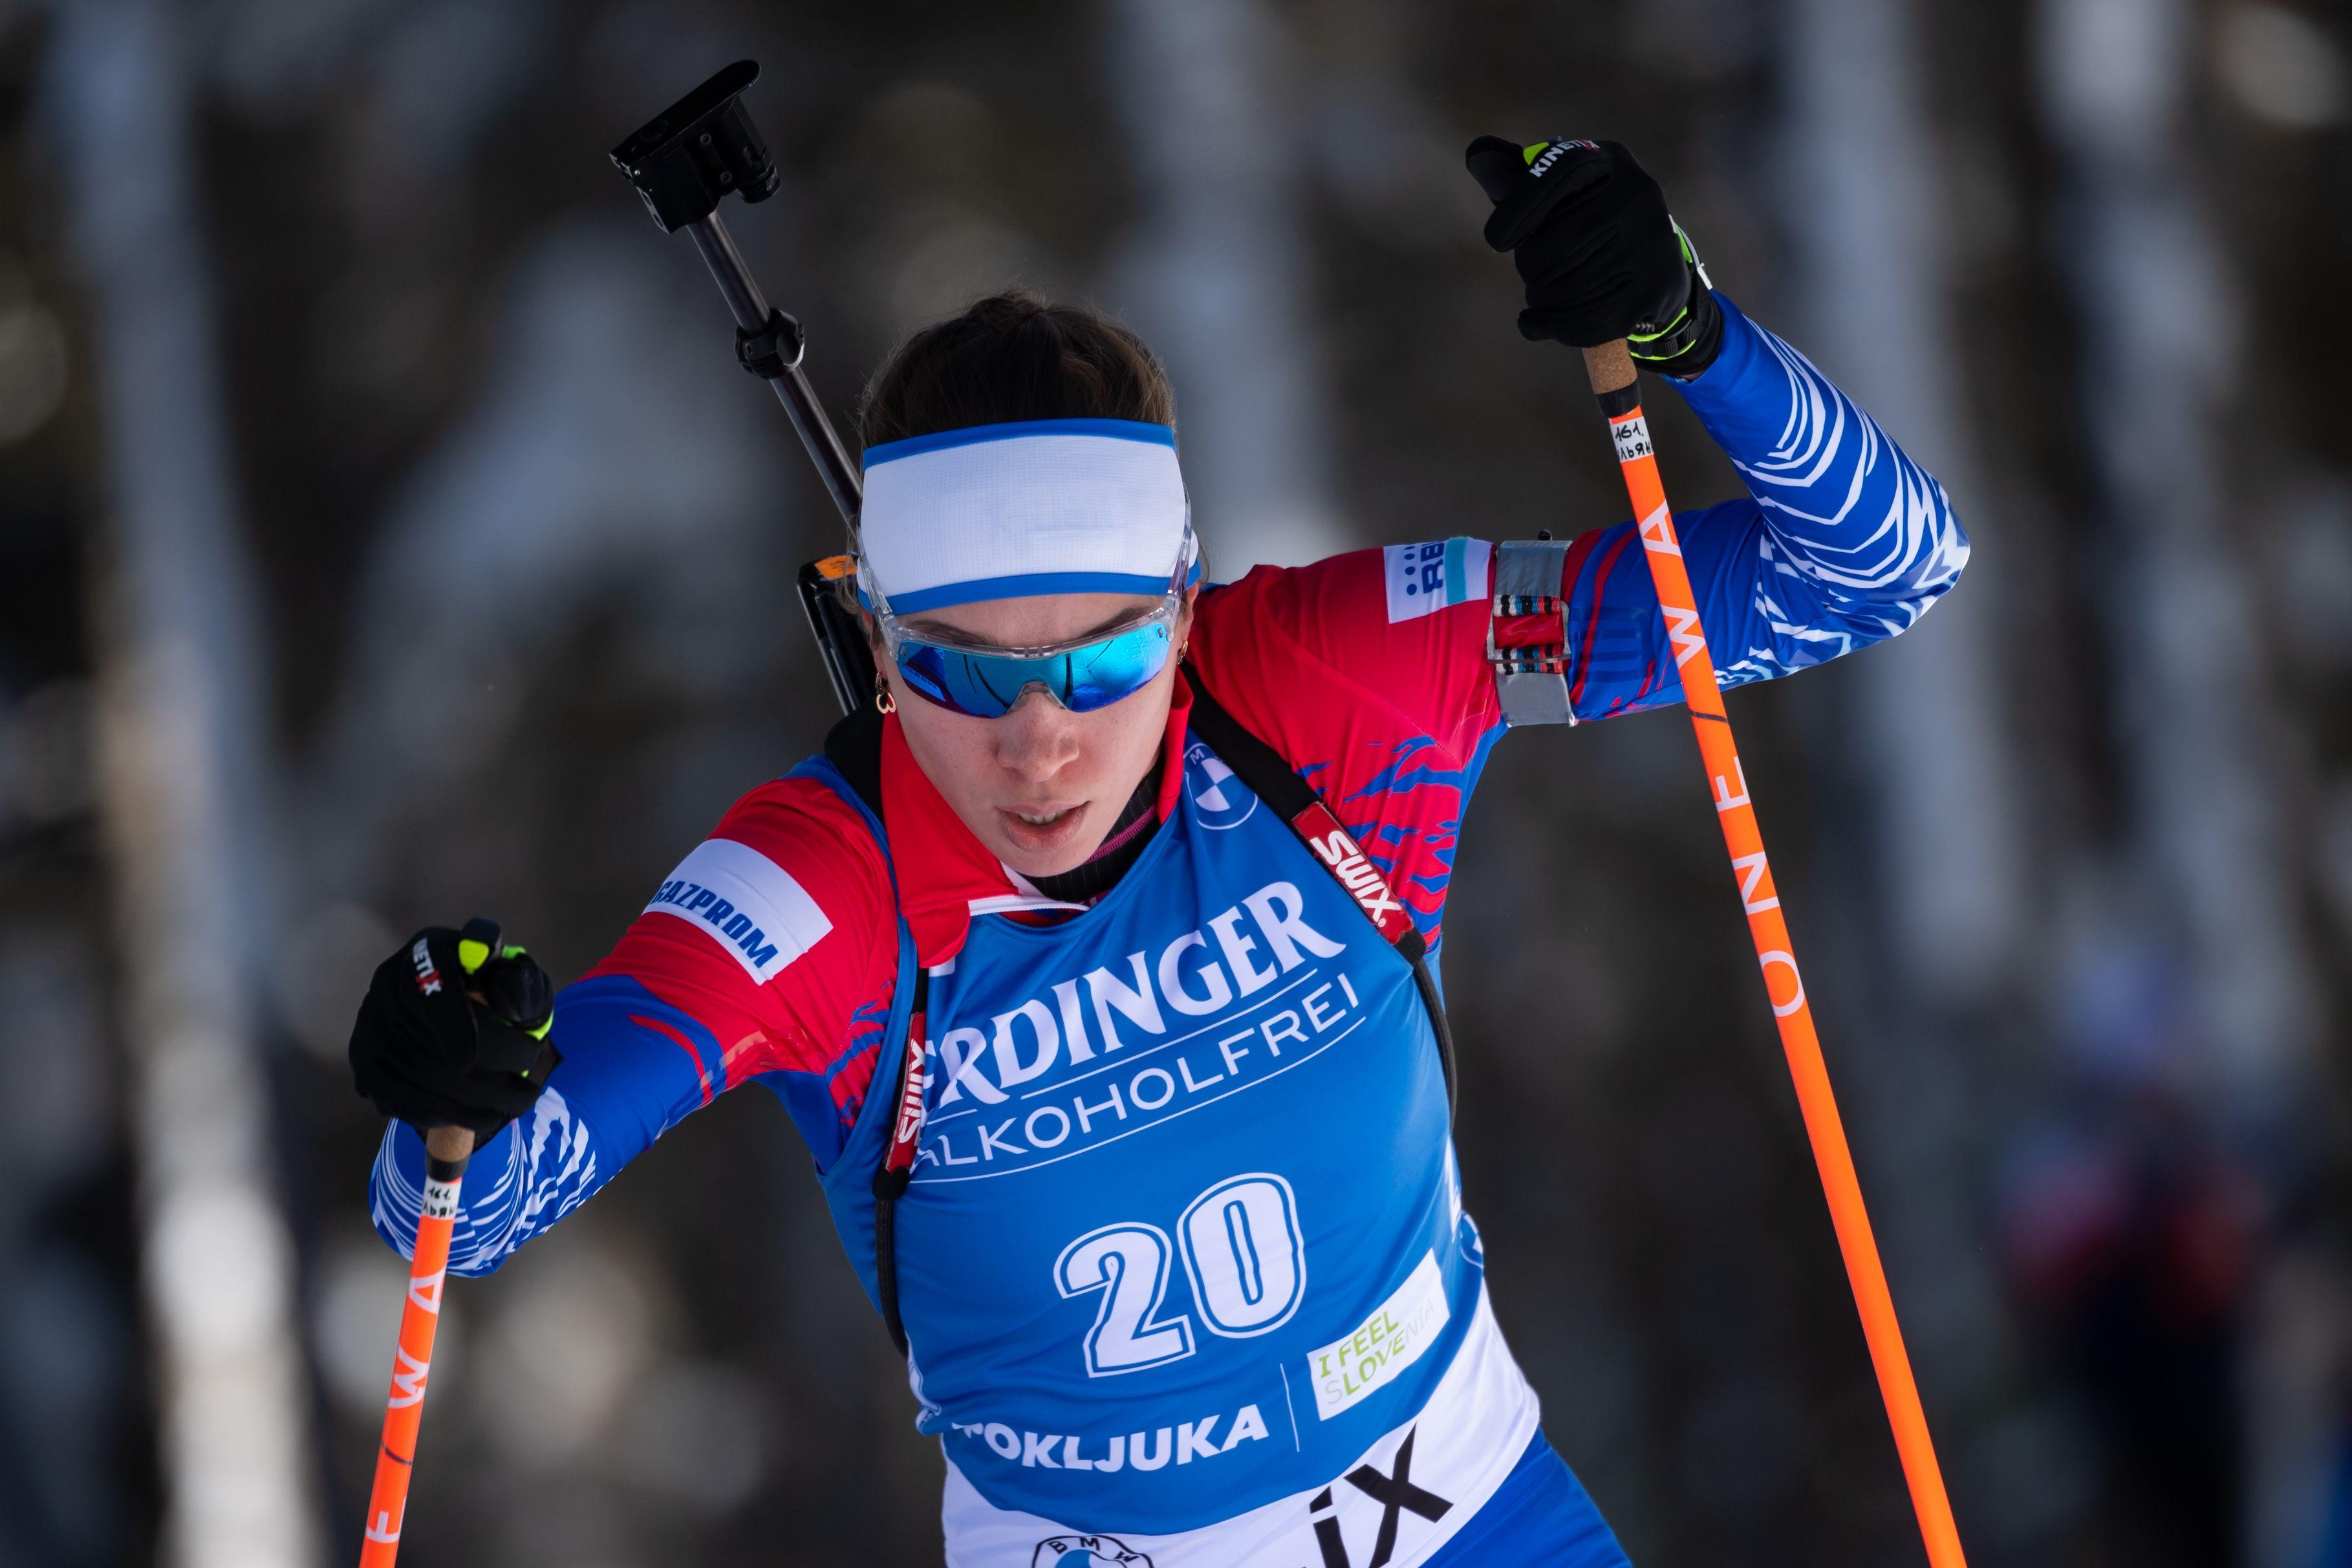 Кайшева показала лучший результат в карьере, став пятой в масс-старте на этапе КМ в Эстерсунде